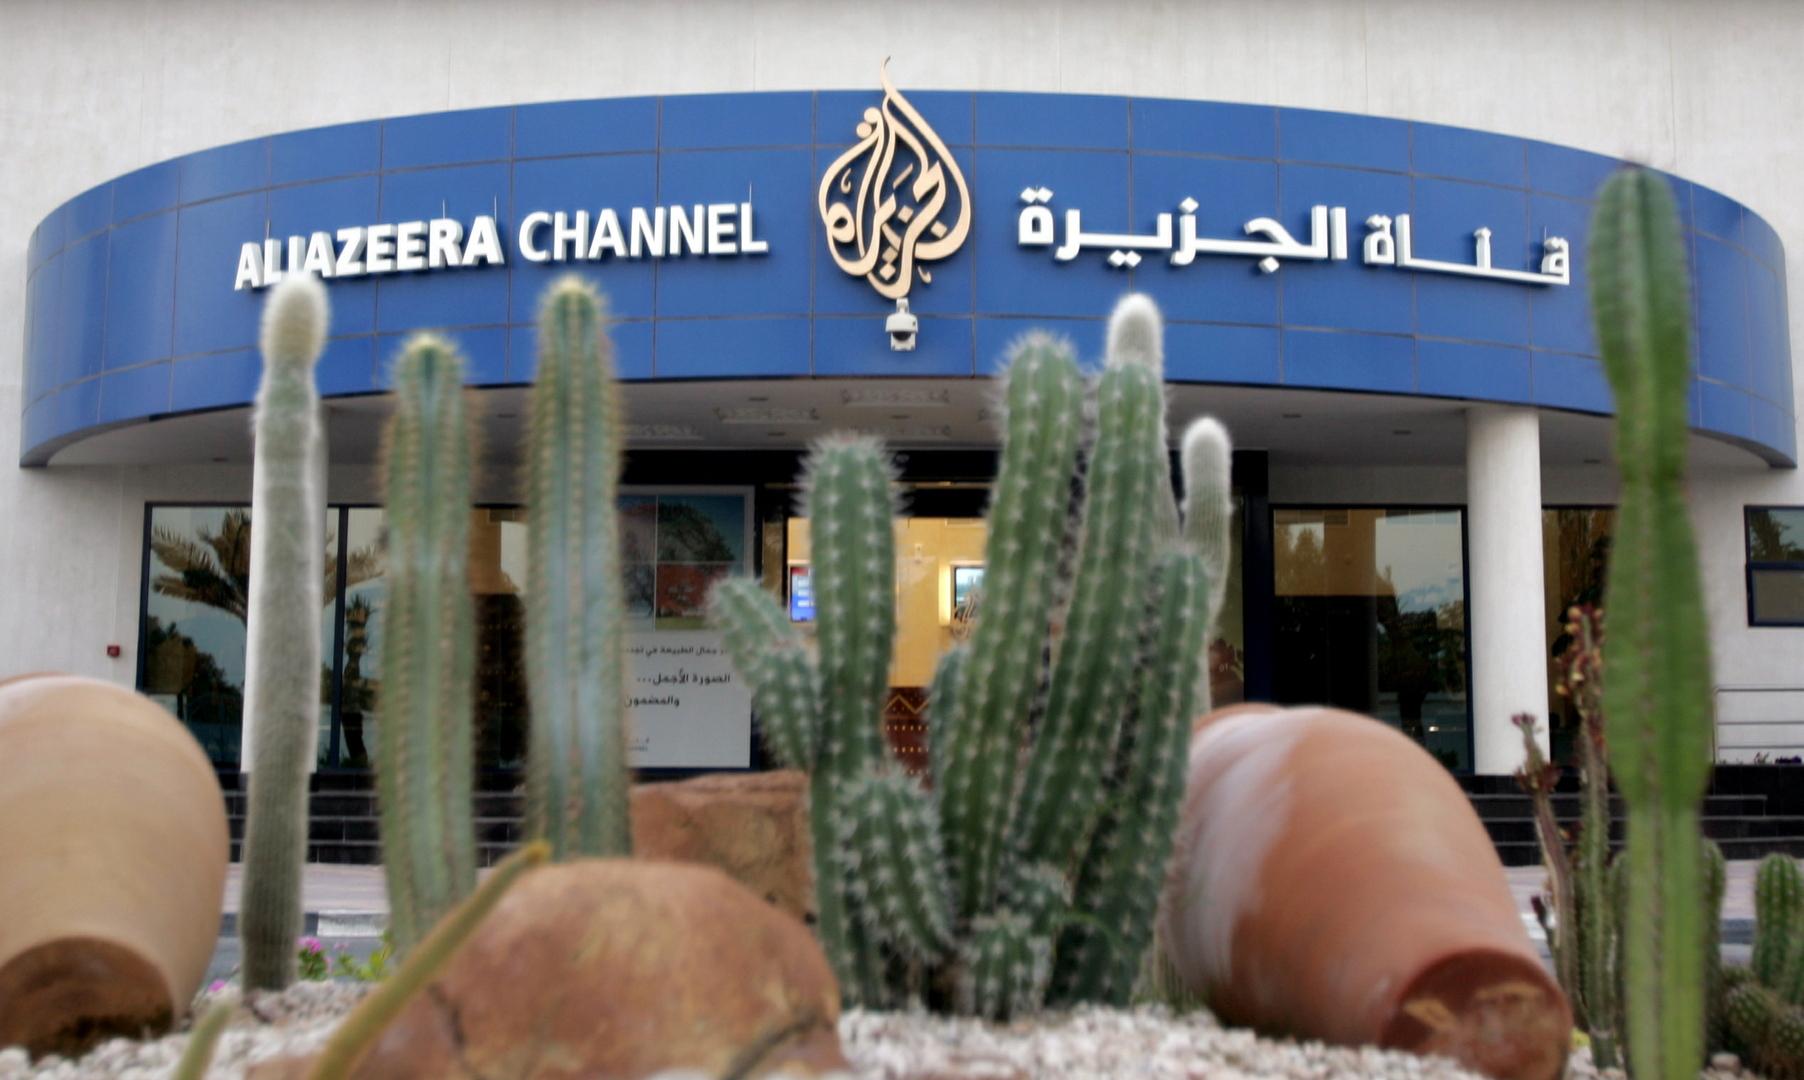 مبنى قناة الجزيرة في الدوحة، صورة من الأرشيف